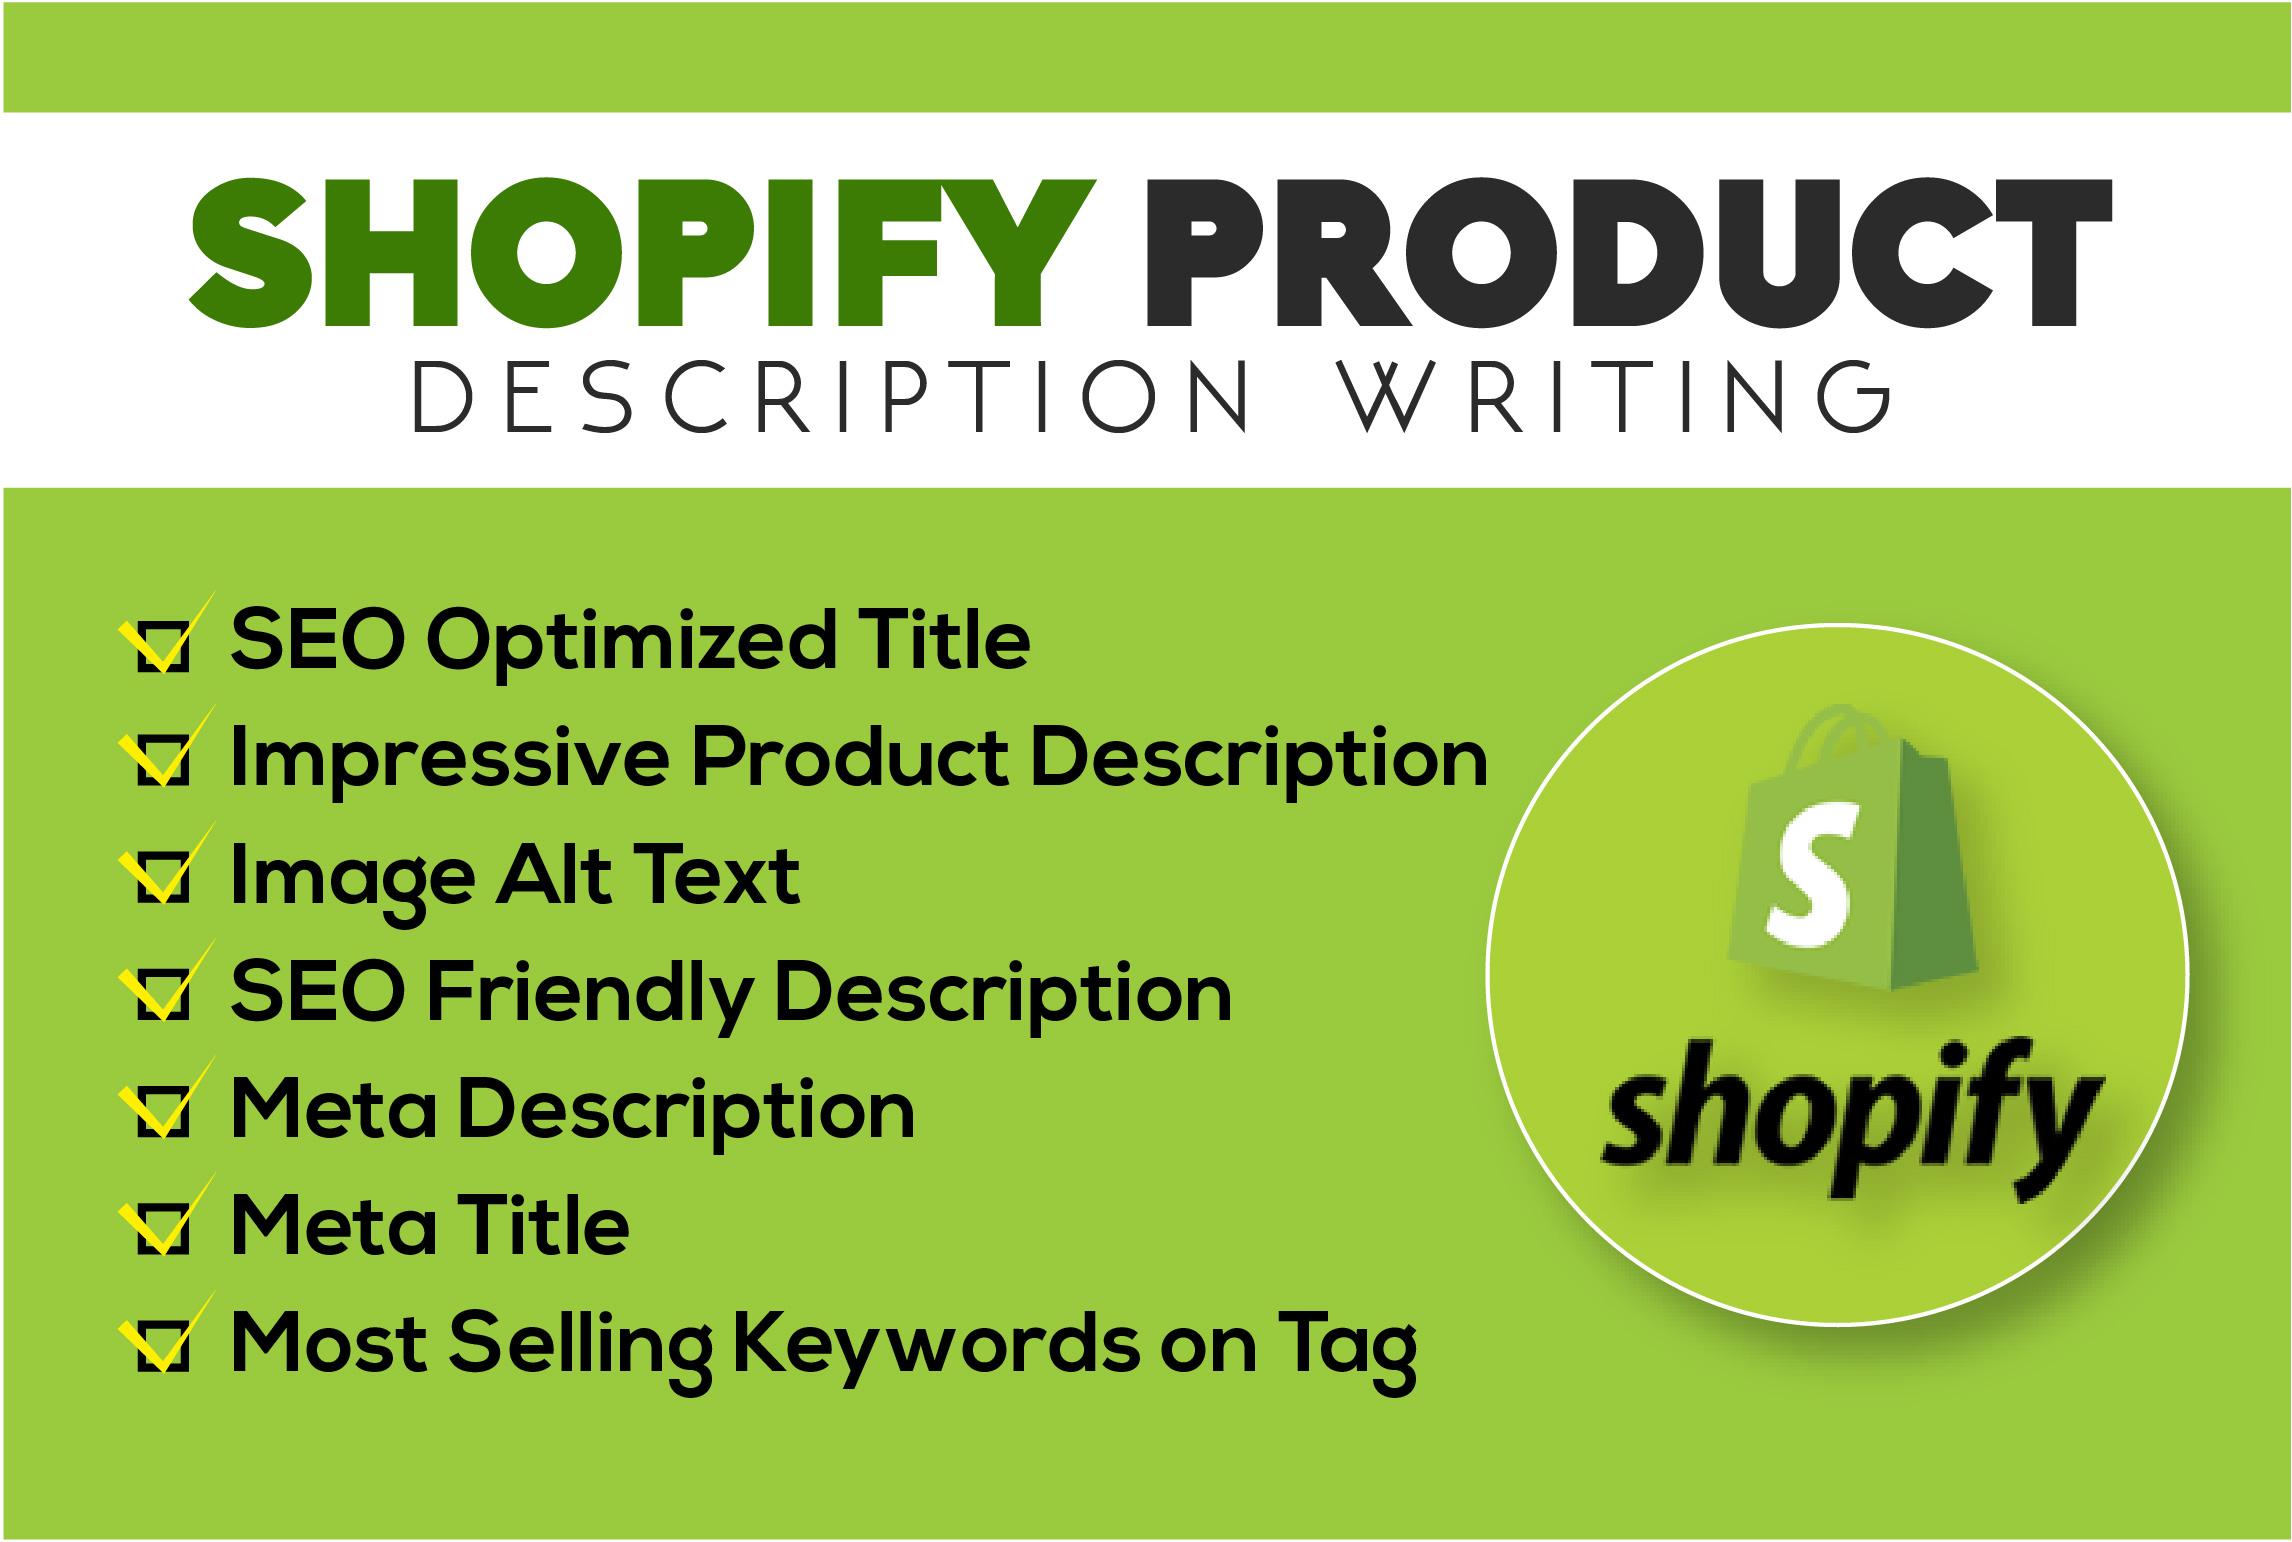 I will write impressive SEO product description for shopify